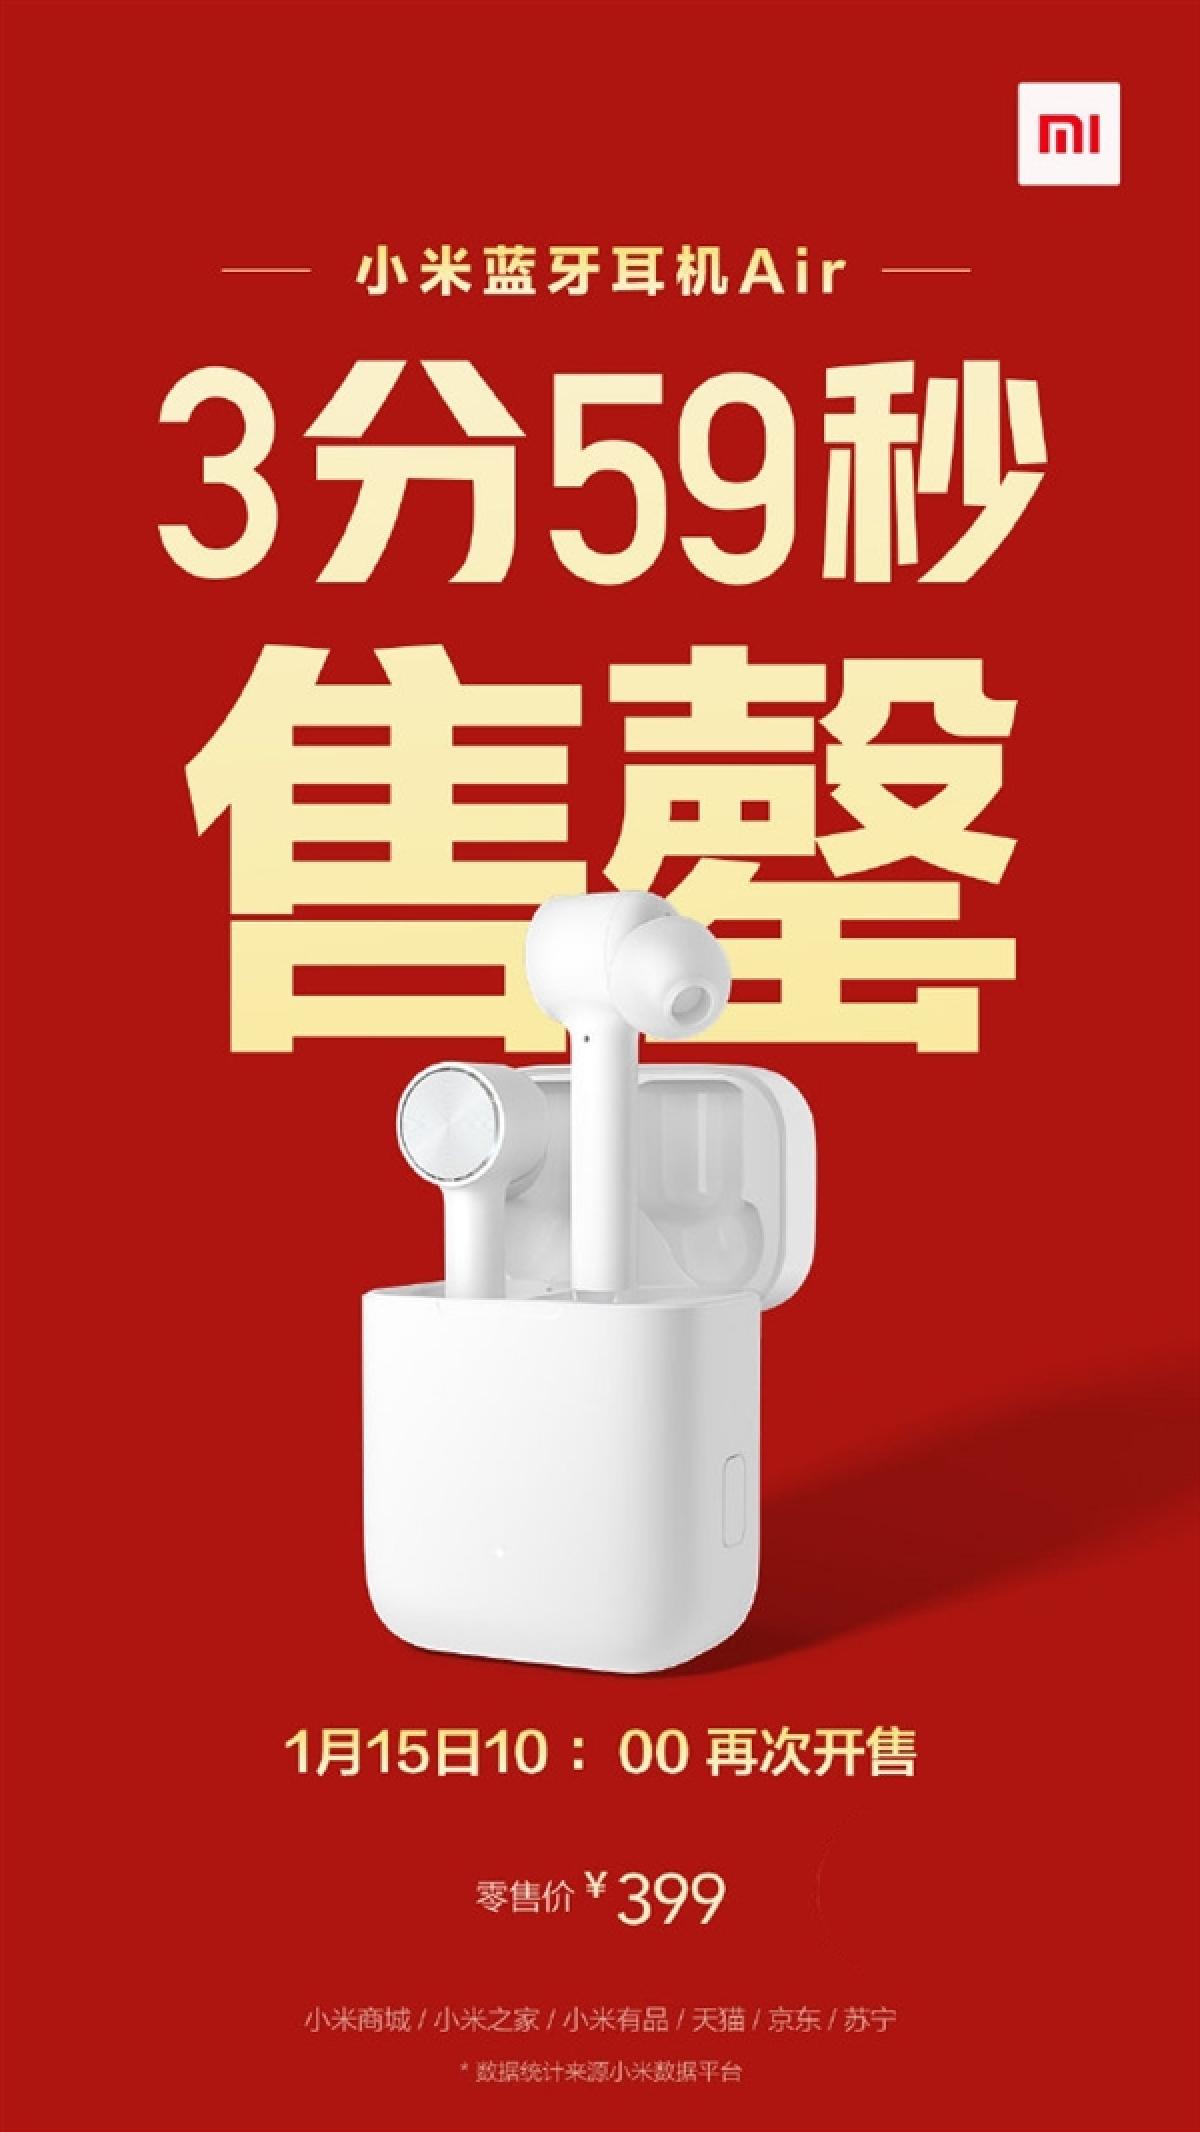 первая партия новых беспроводных наушников Xiaomi Mi AirDots Pro была полностью распродана за 3 минуты и 59 секунд